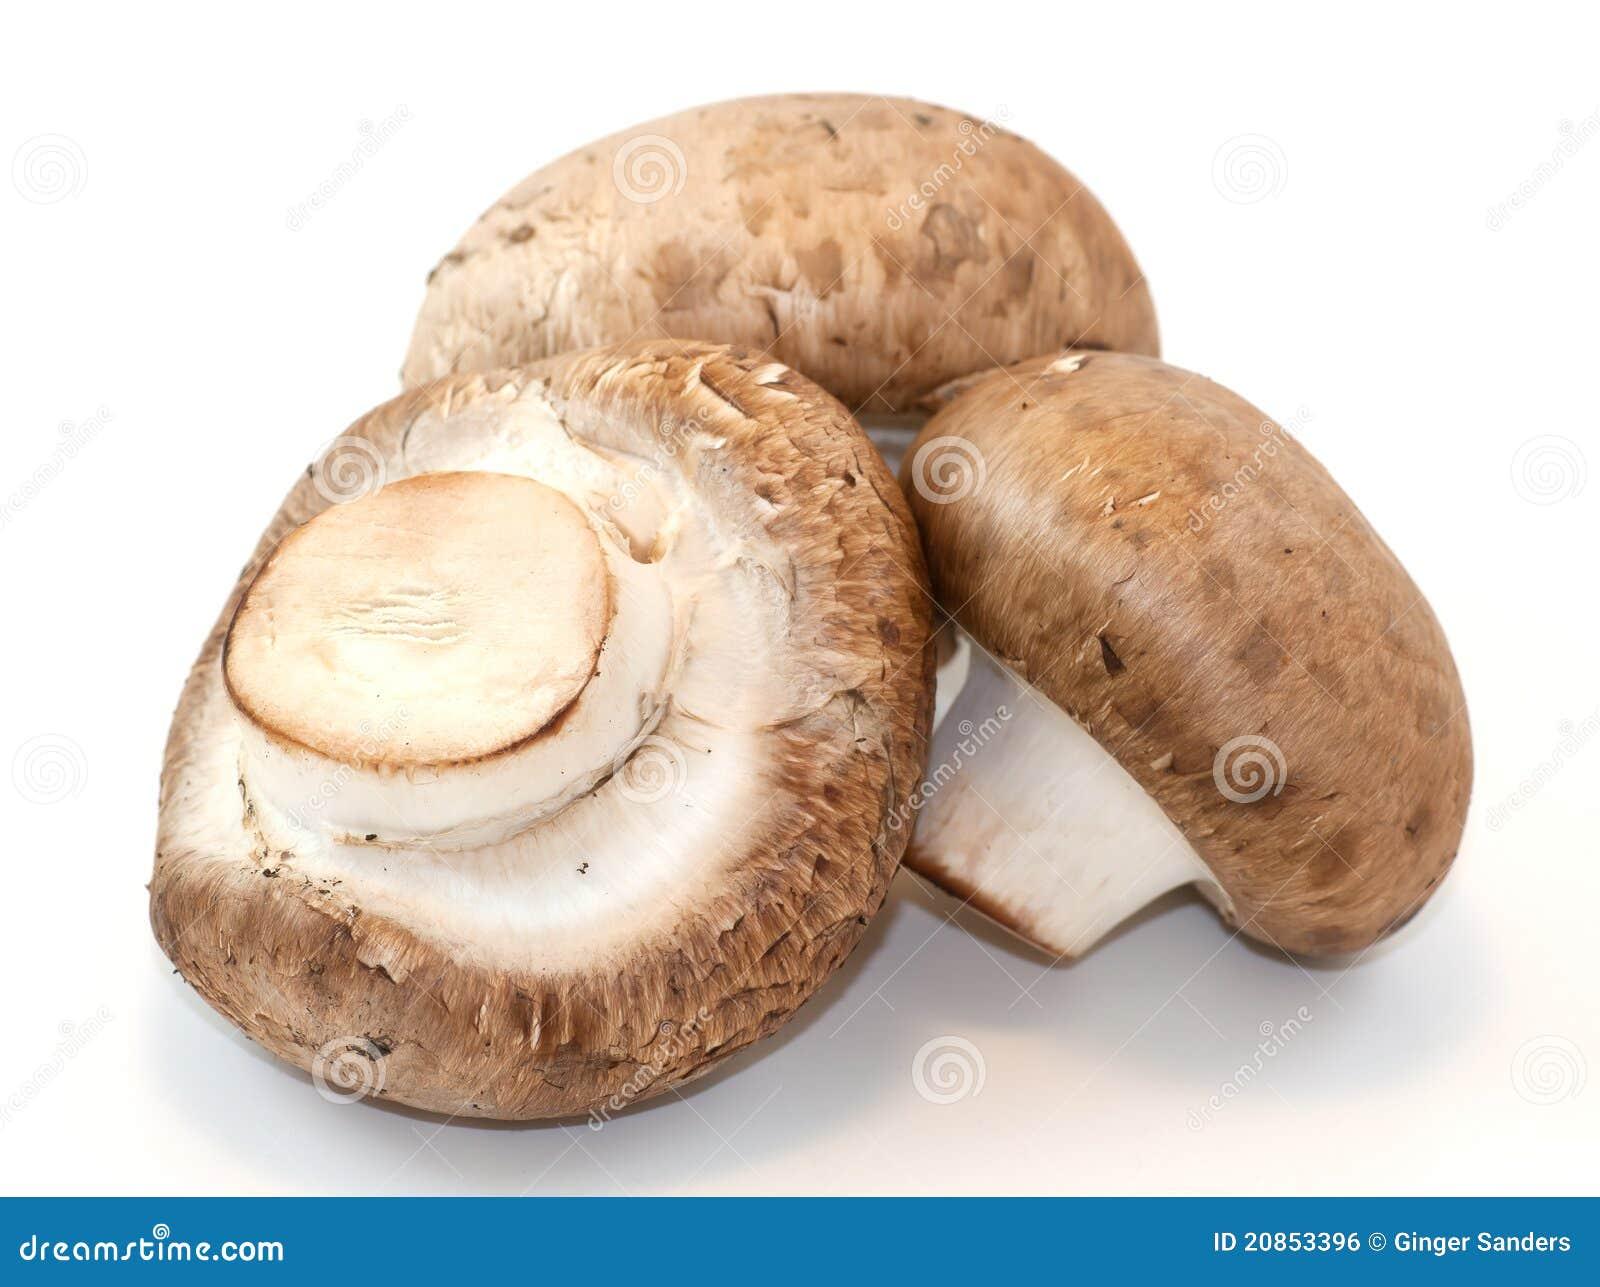 Bakgrund plocka svamp vitt helt för porcini